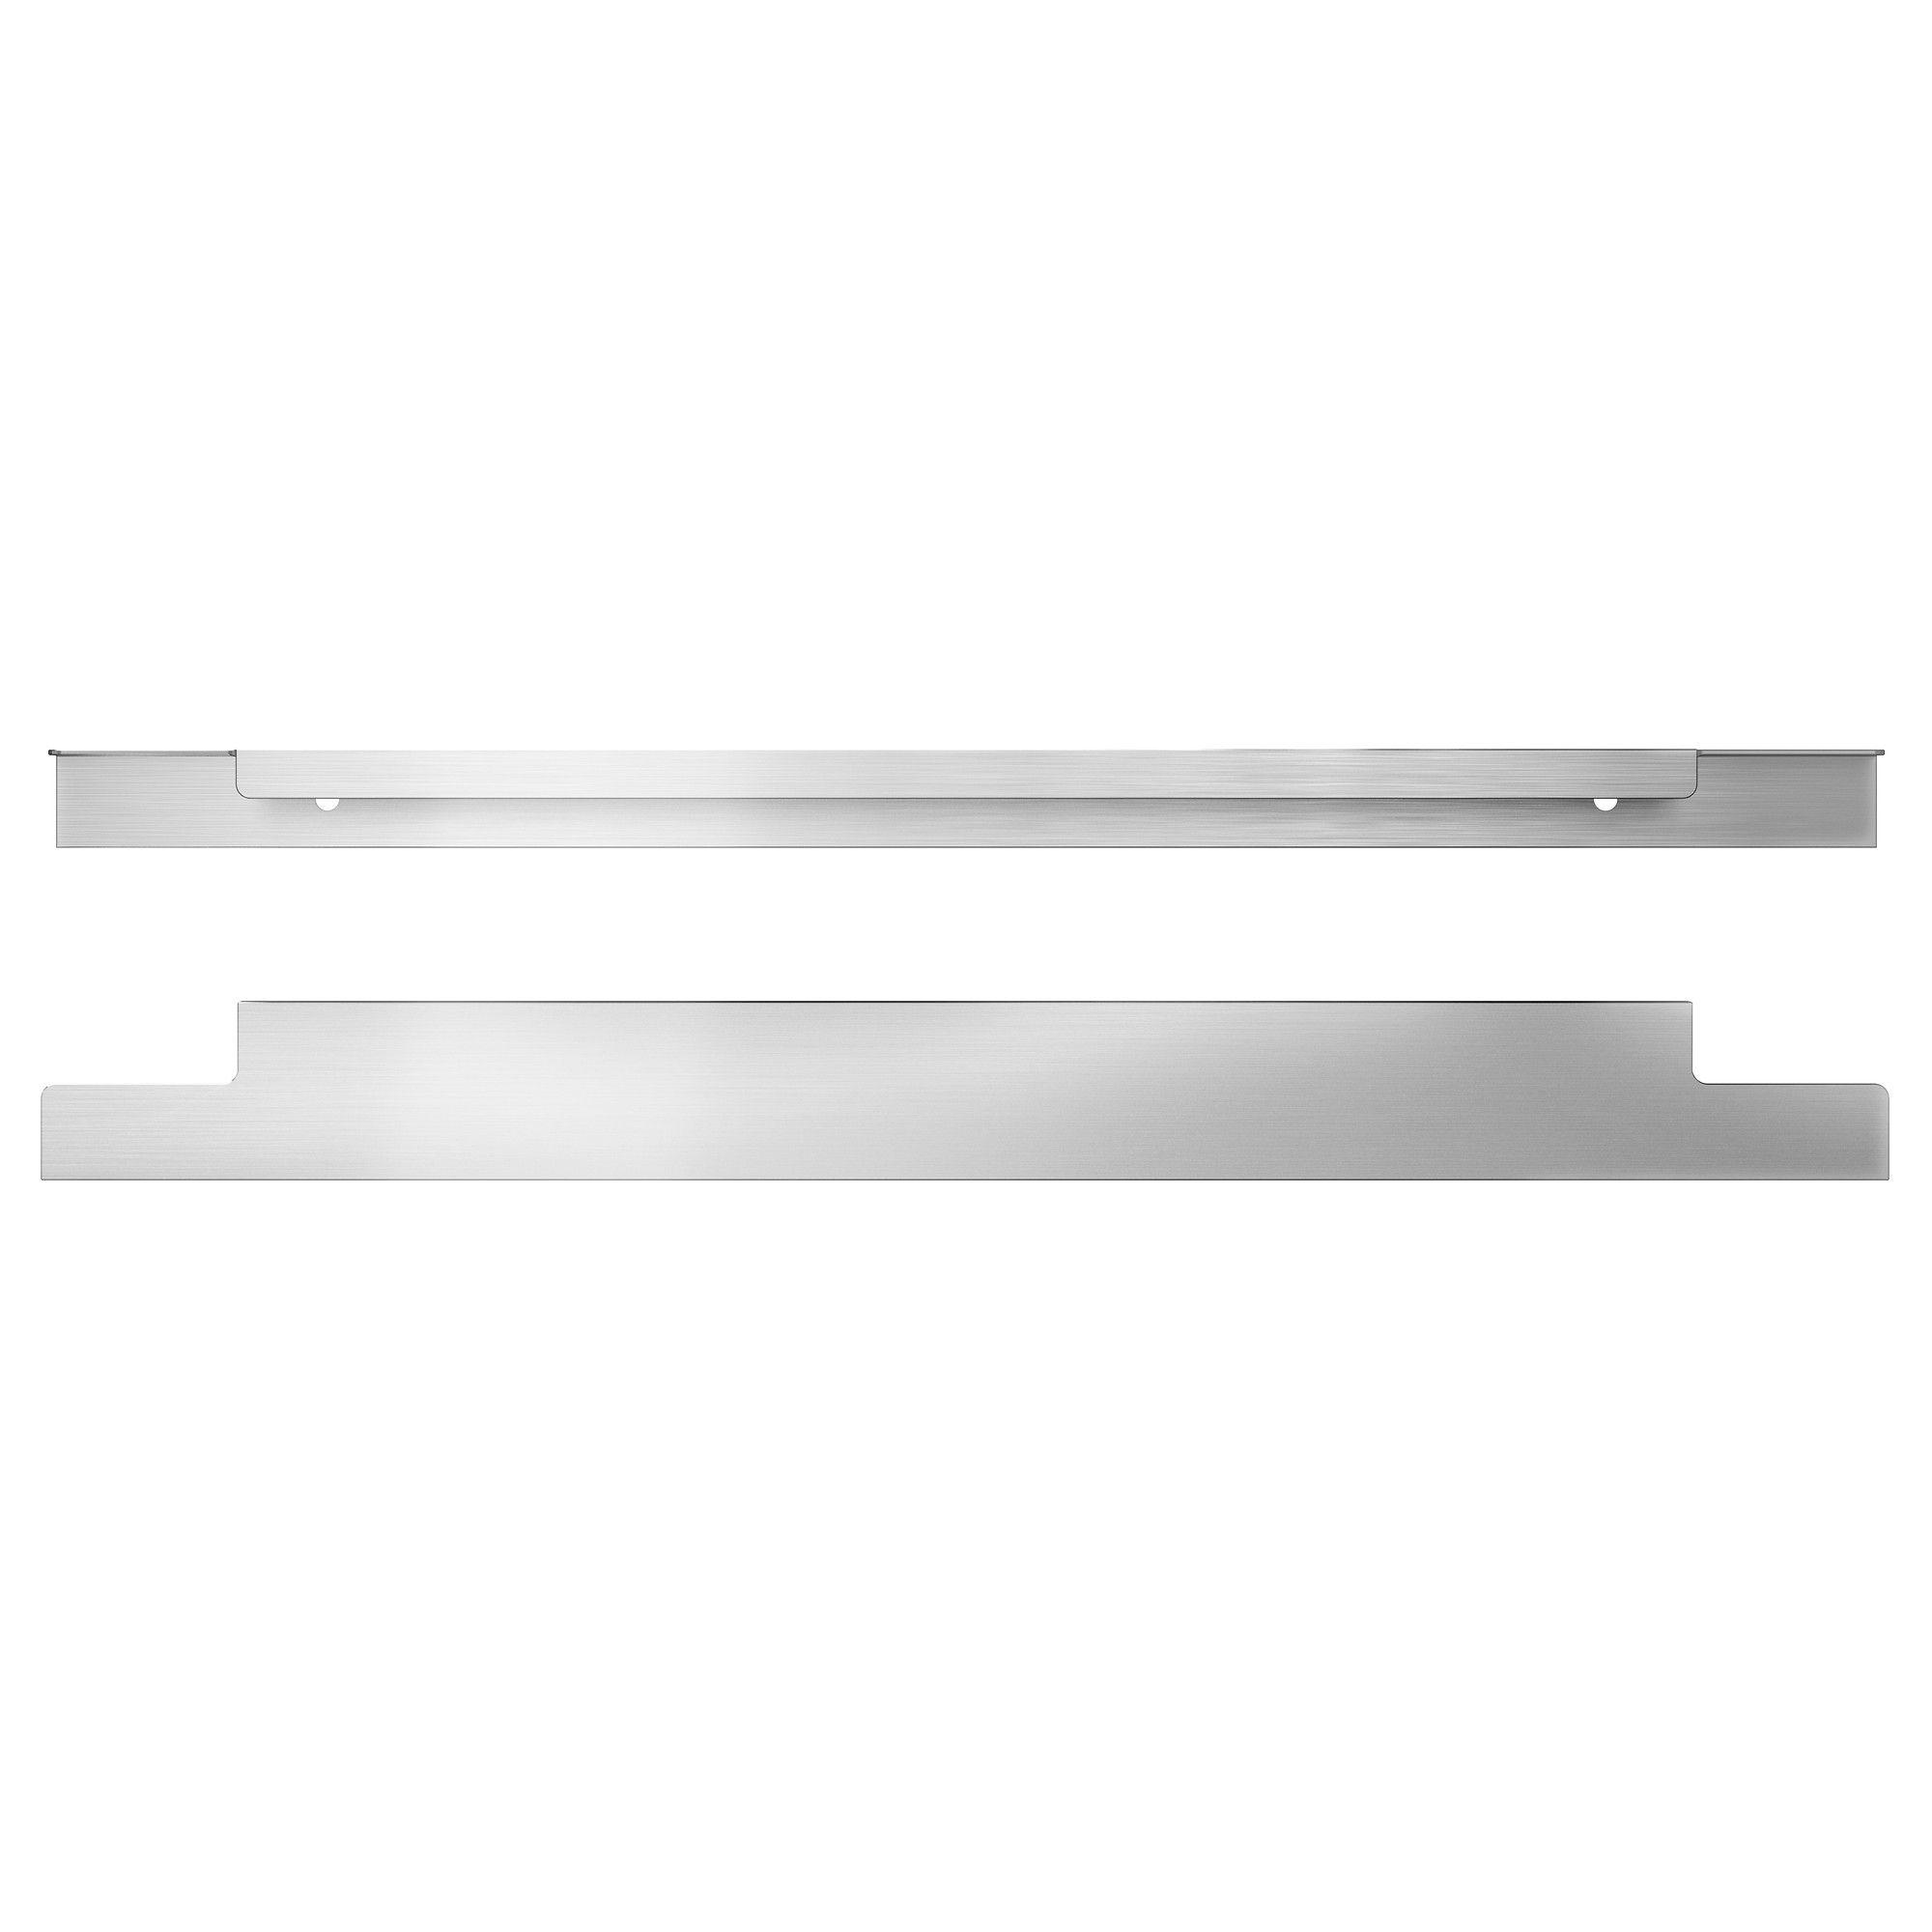 Ikea Kitchen Hardware: BLANKETT Handle, Aluminum